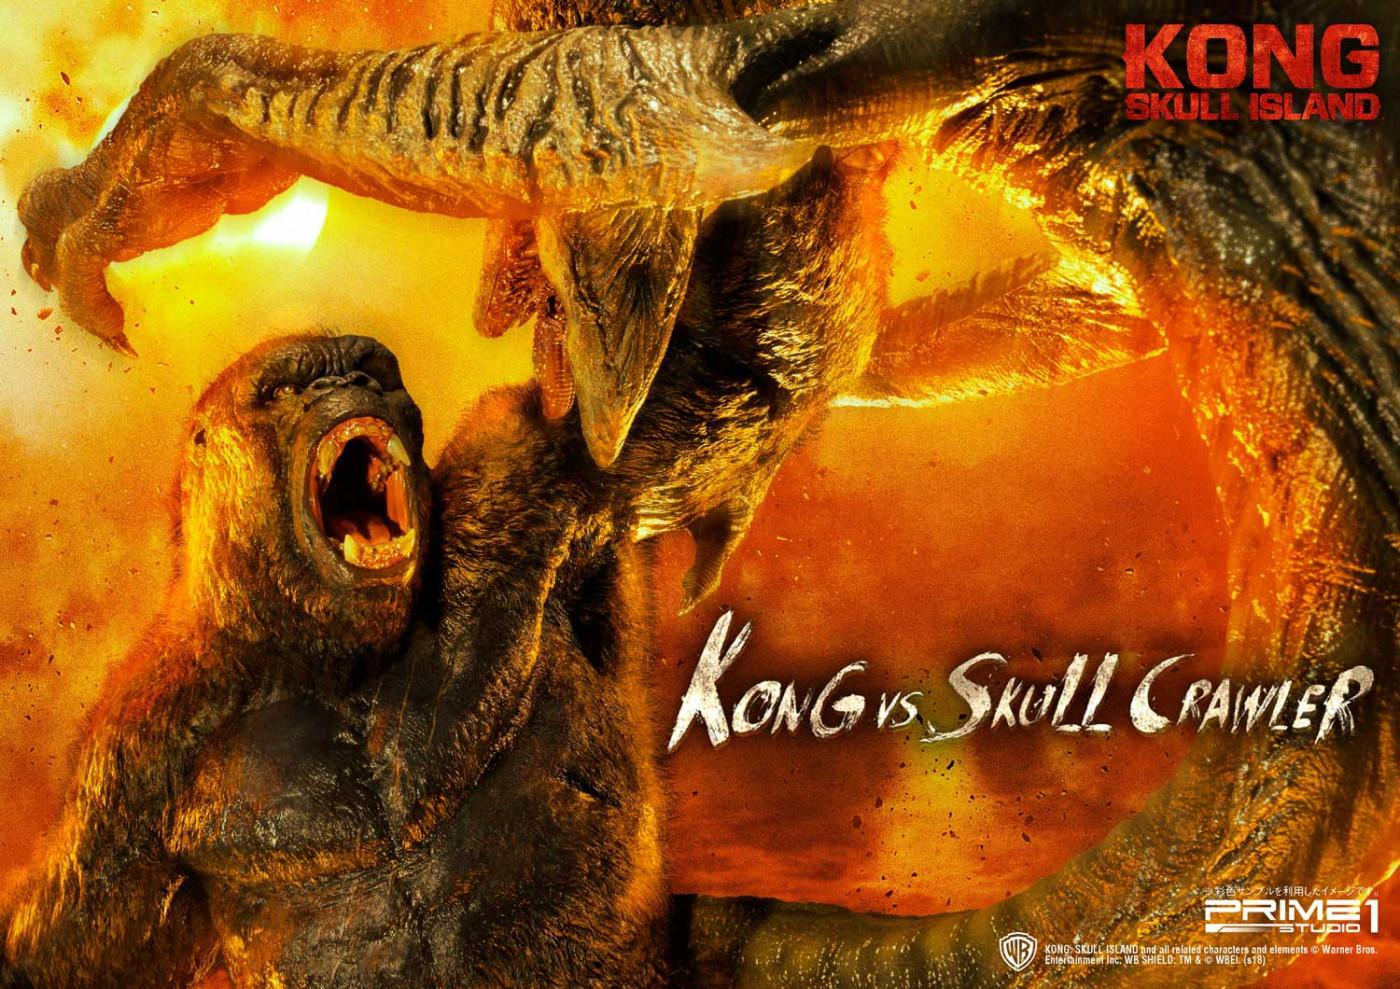 アルティメットジオラママスターライン キングコング:髑髏島の巨神 コング VS スカルクローラー DX版